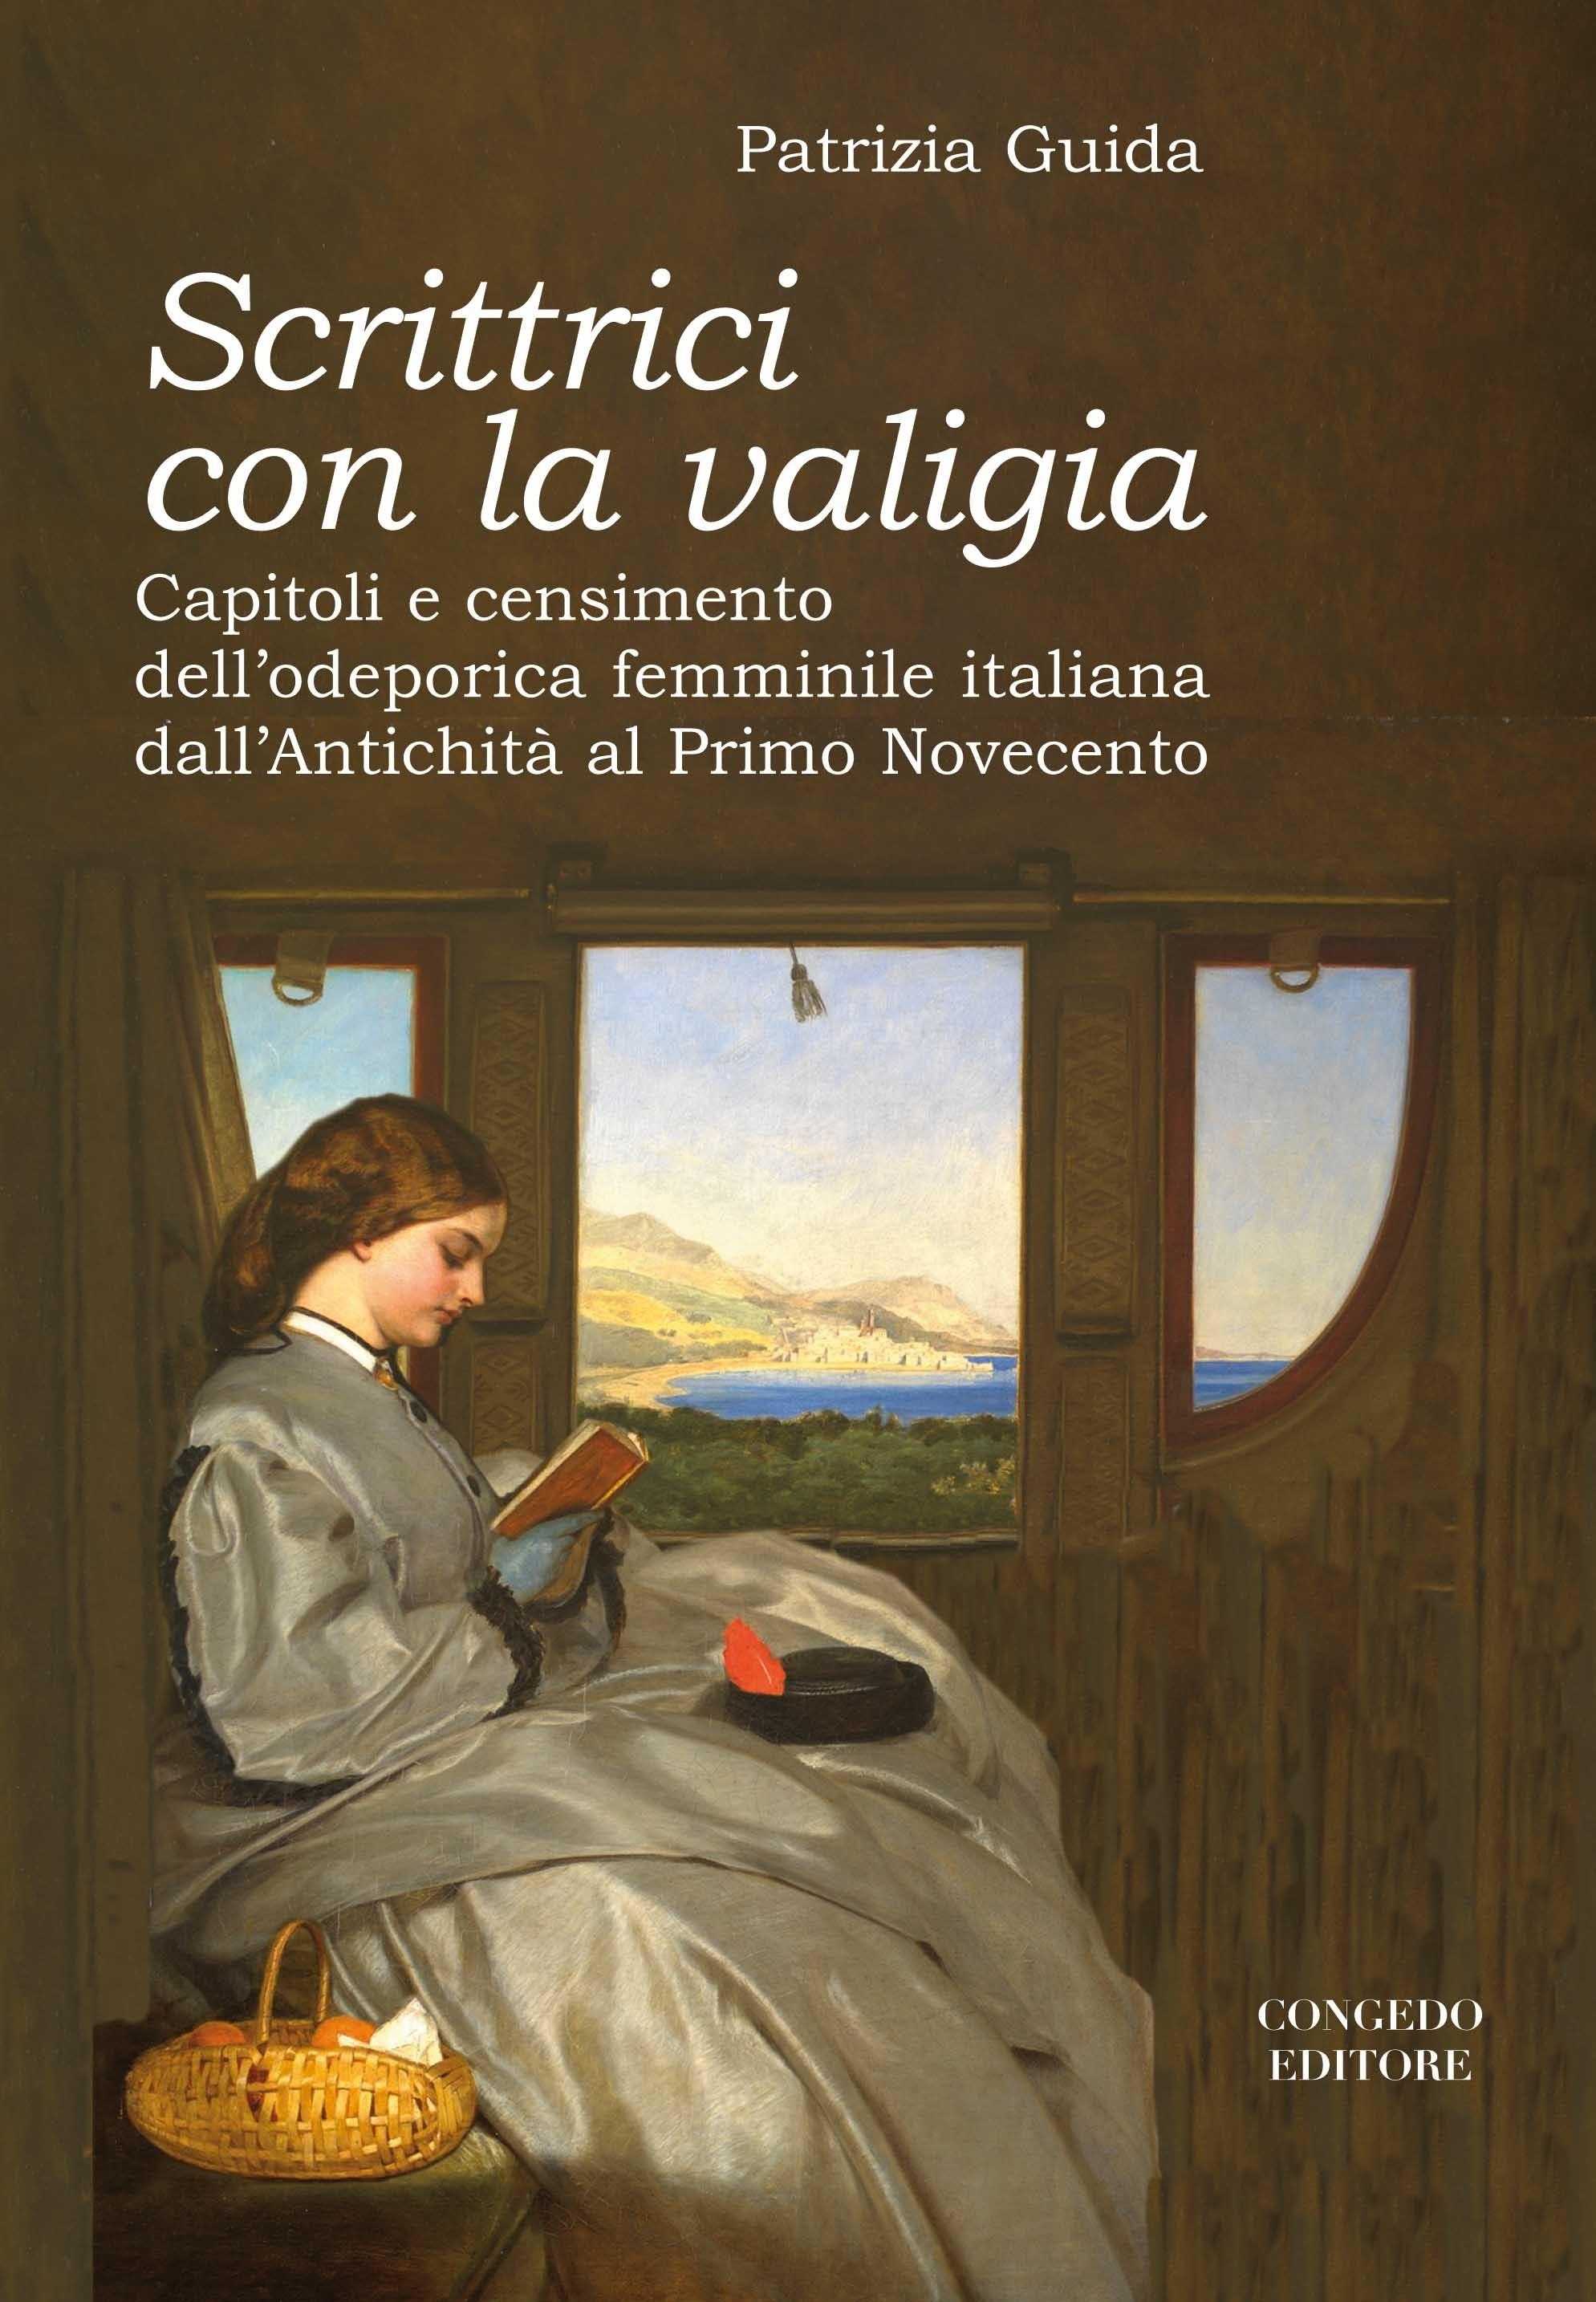 Scrittrici con la valigia. Capitoli e censimento dell'odeporica femminile italiana dall'Antichità al Primo Novecento